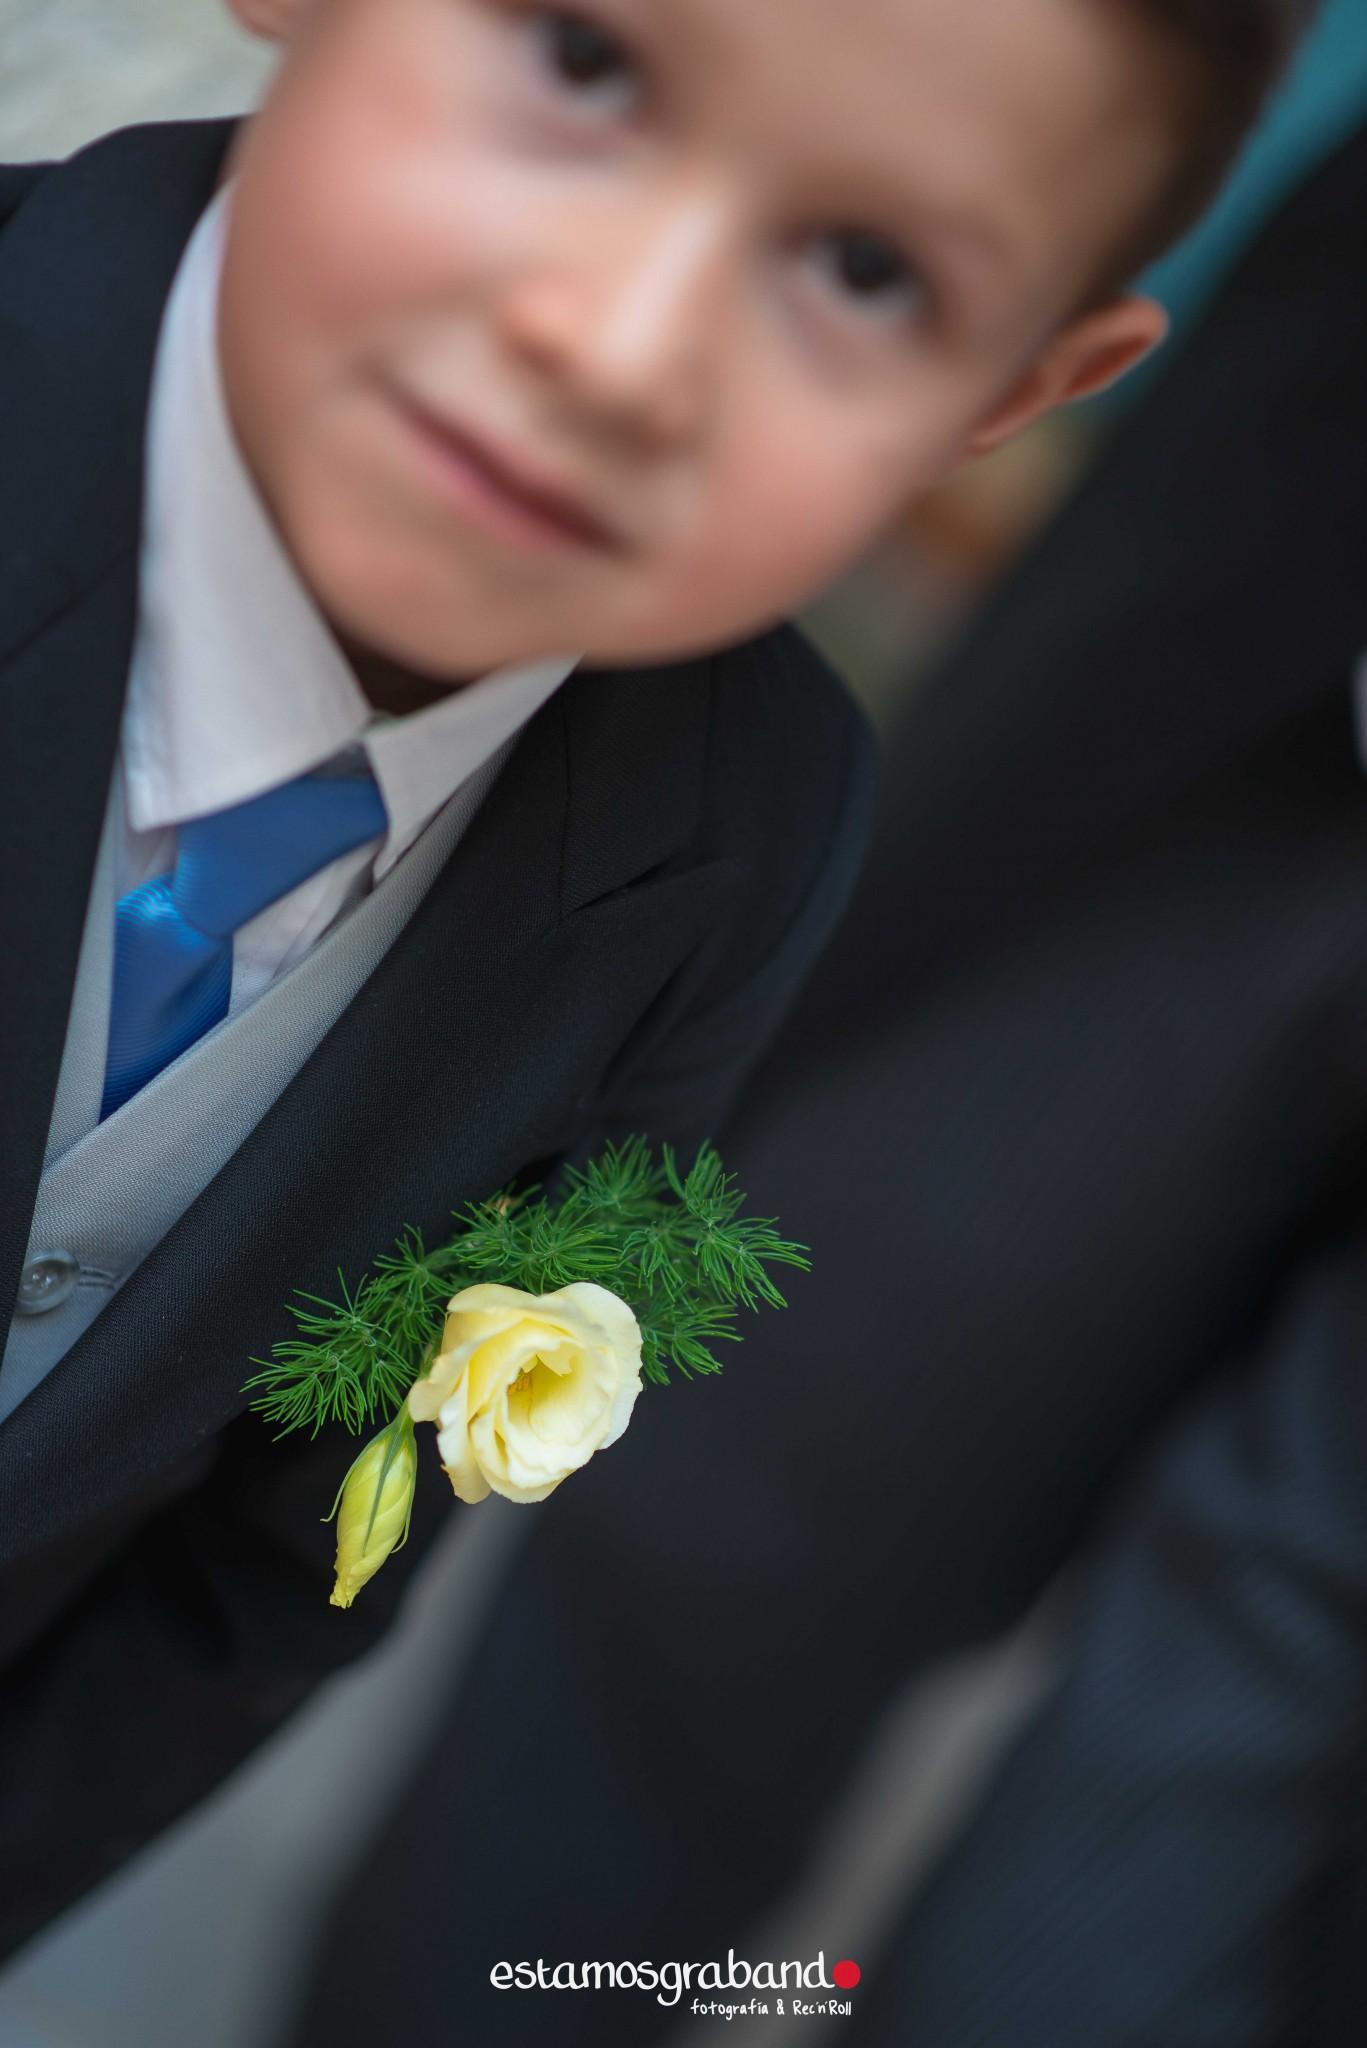 boda-en-chiclana_sonia-y-diego_fotograficc81a-de-boda-30 Zahara Sonia + Diego [Fotografía de Boda en Zahara] - video boda cadiz